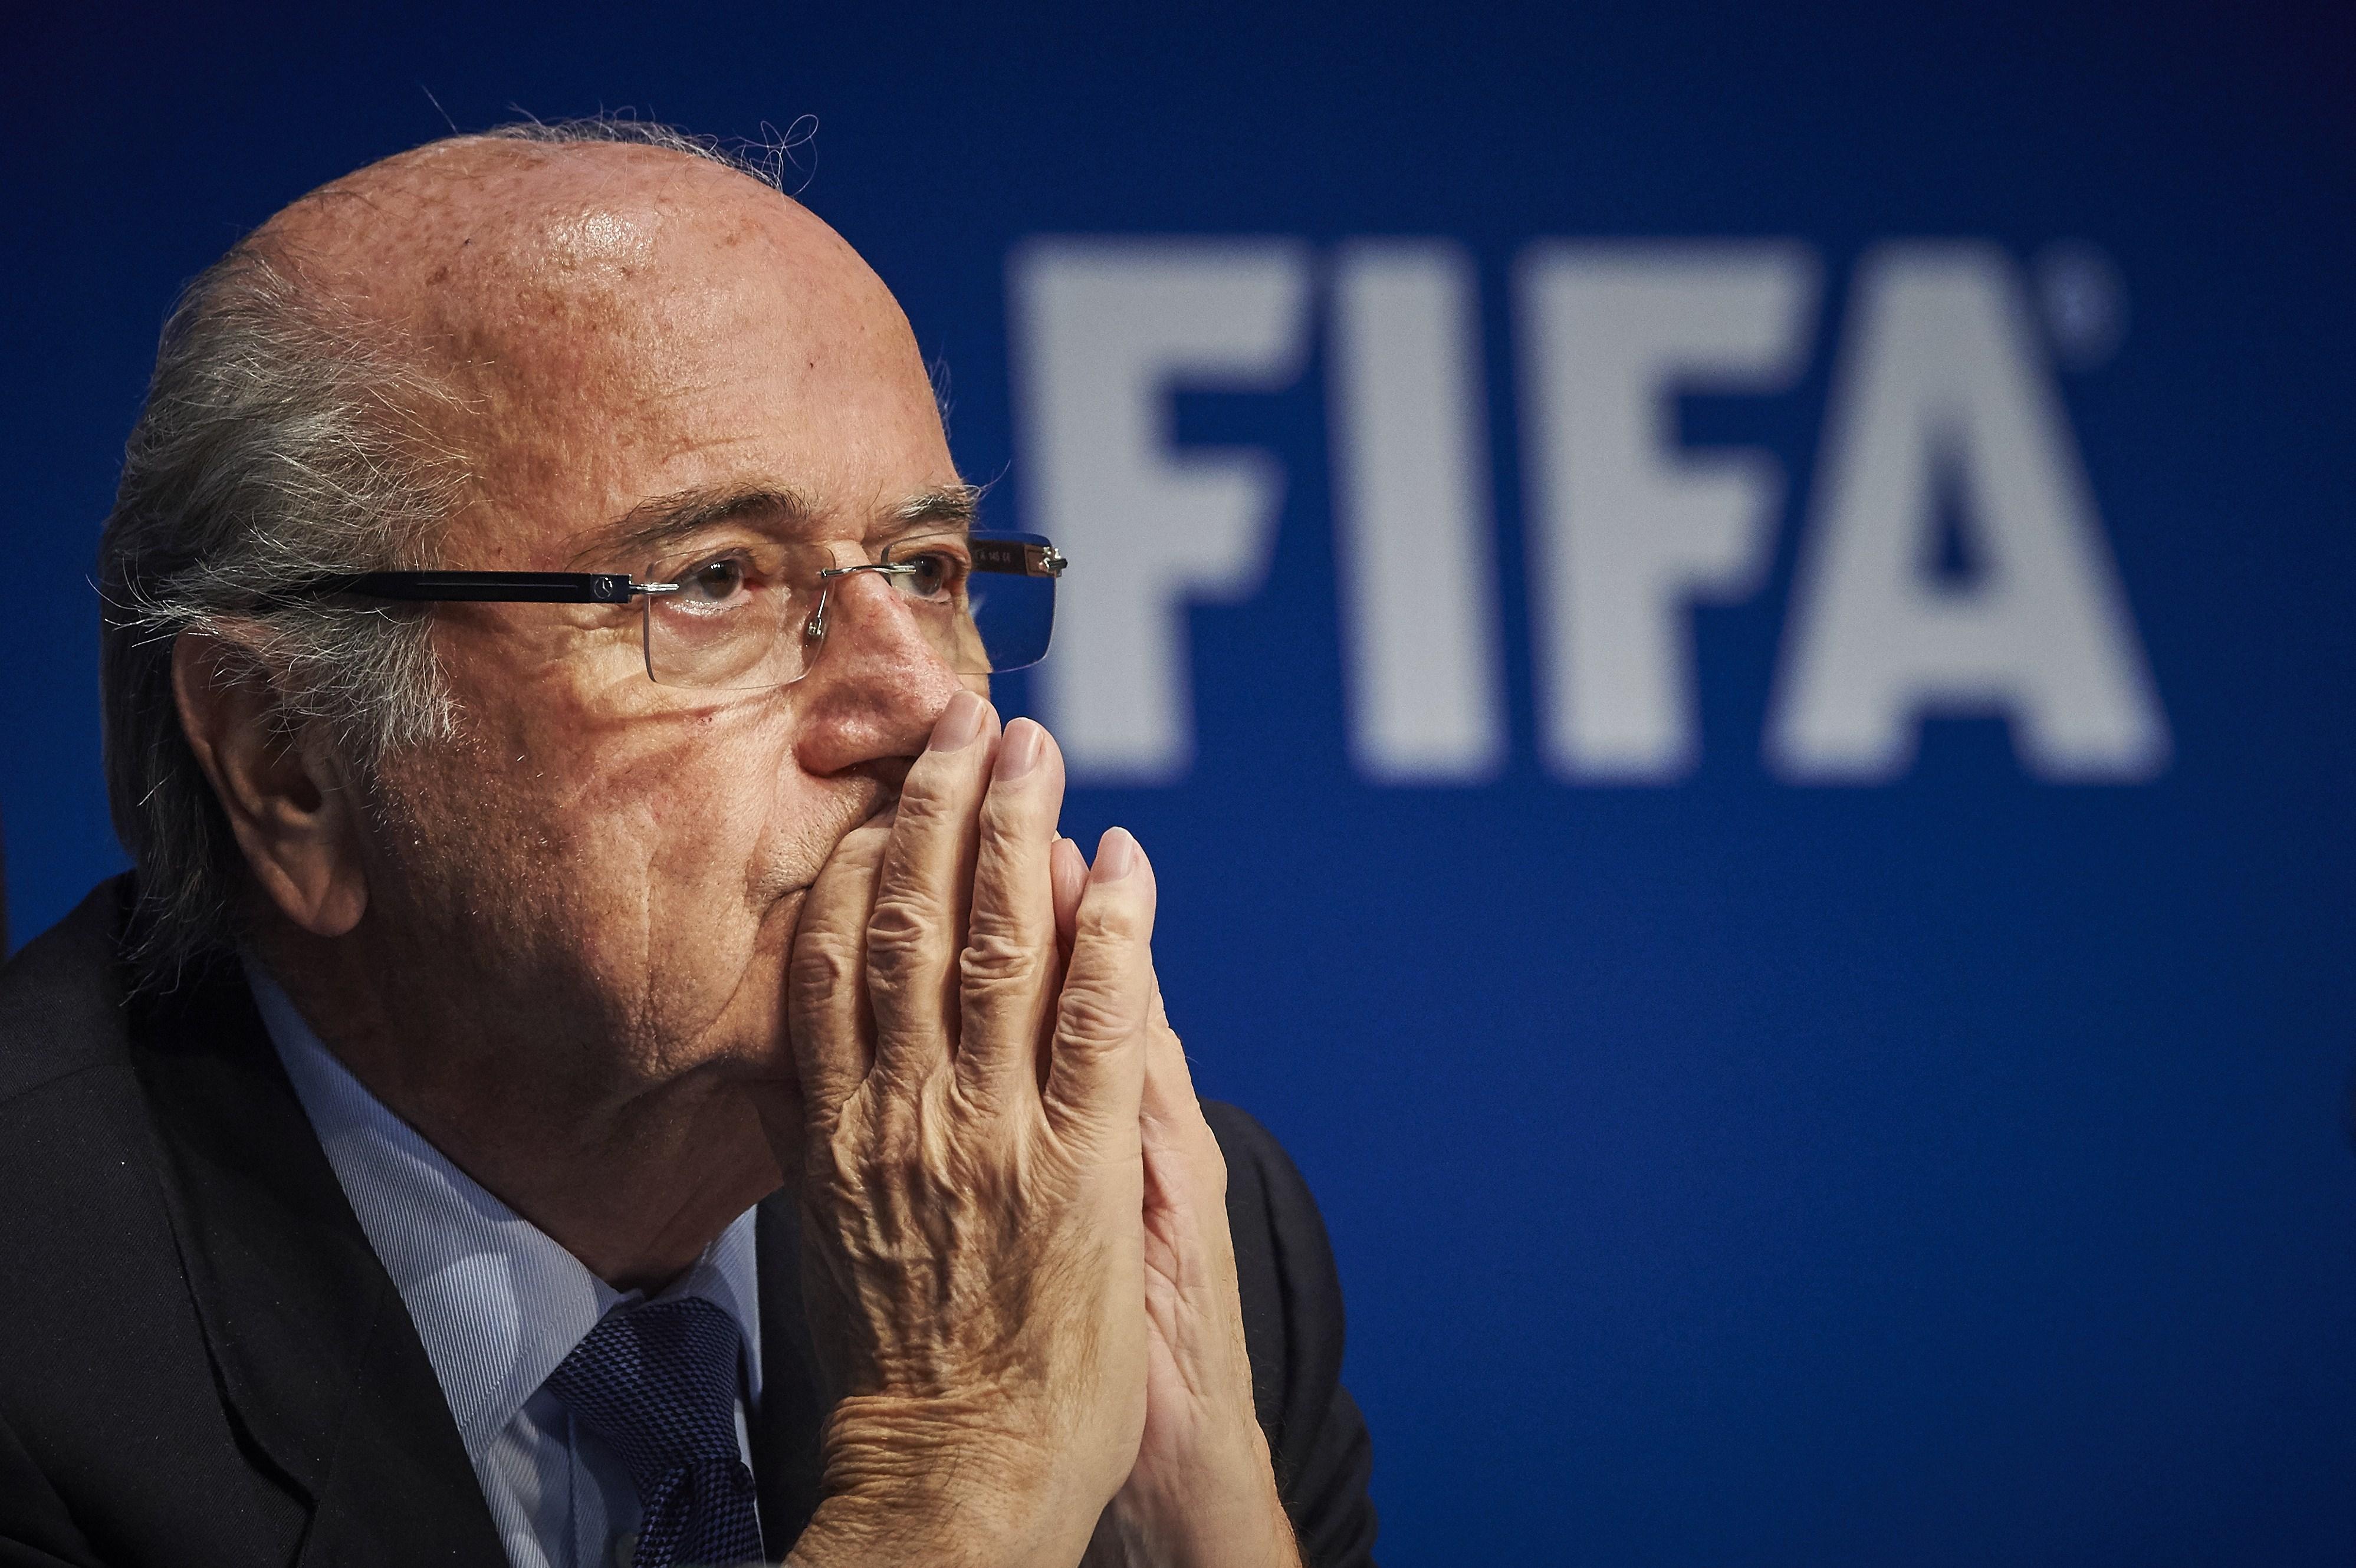 FIFA's president Sepp Blatter.